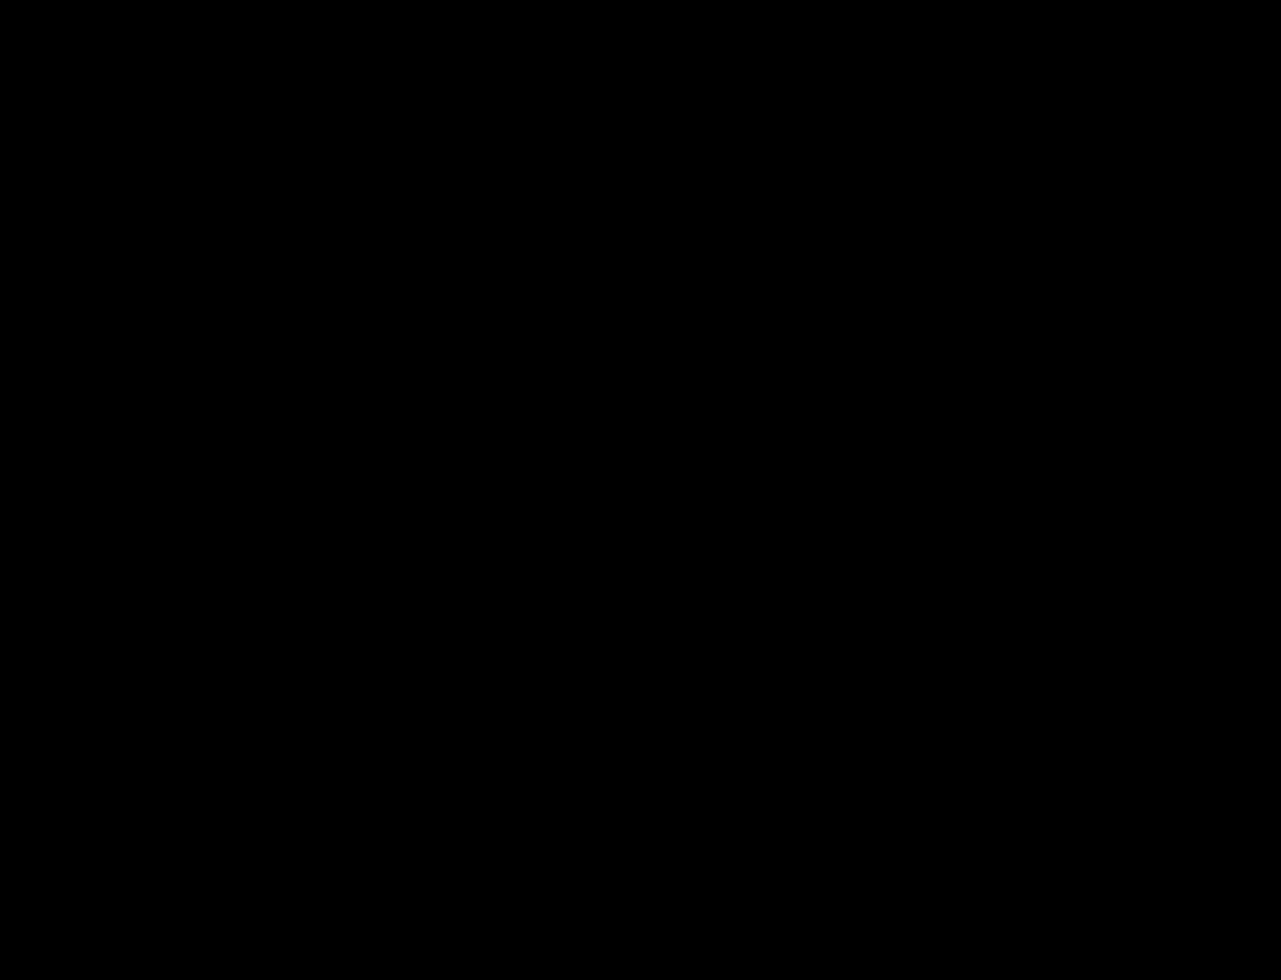 hibiskusblomma png